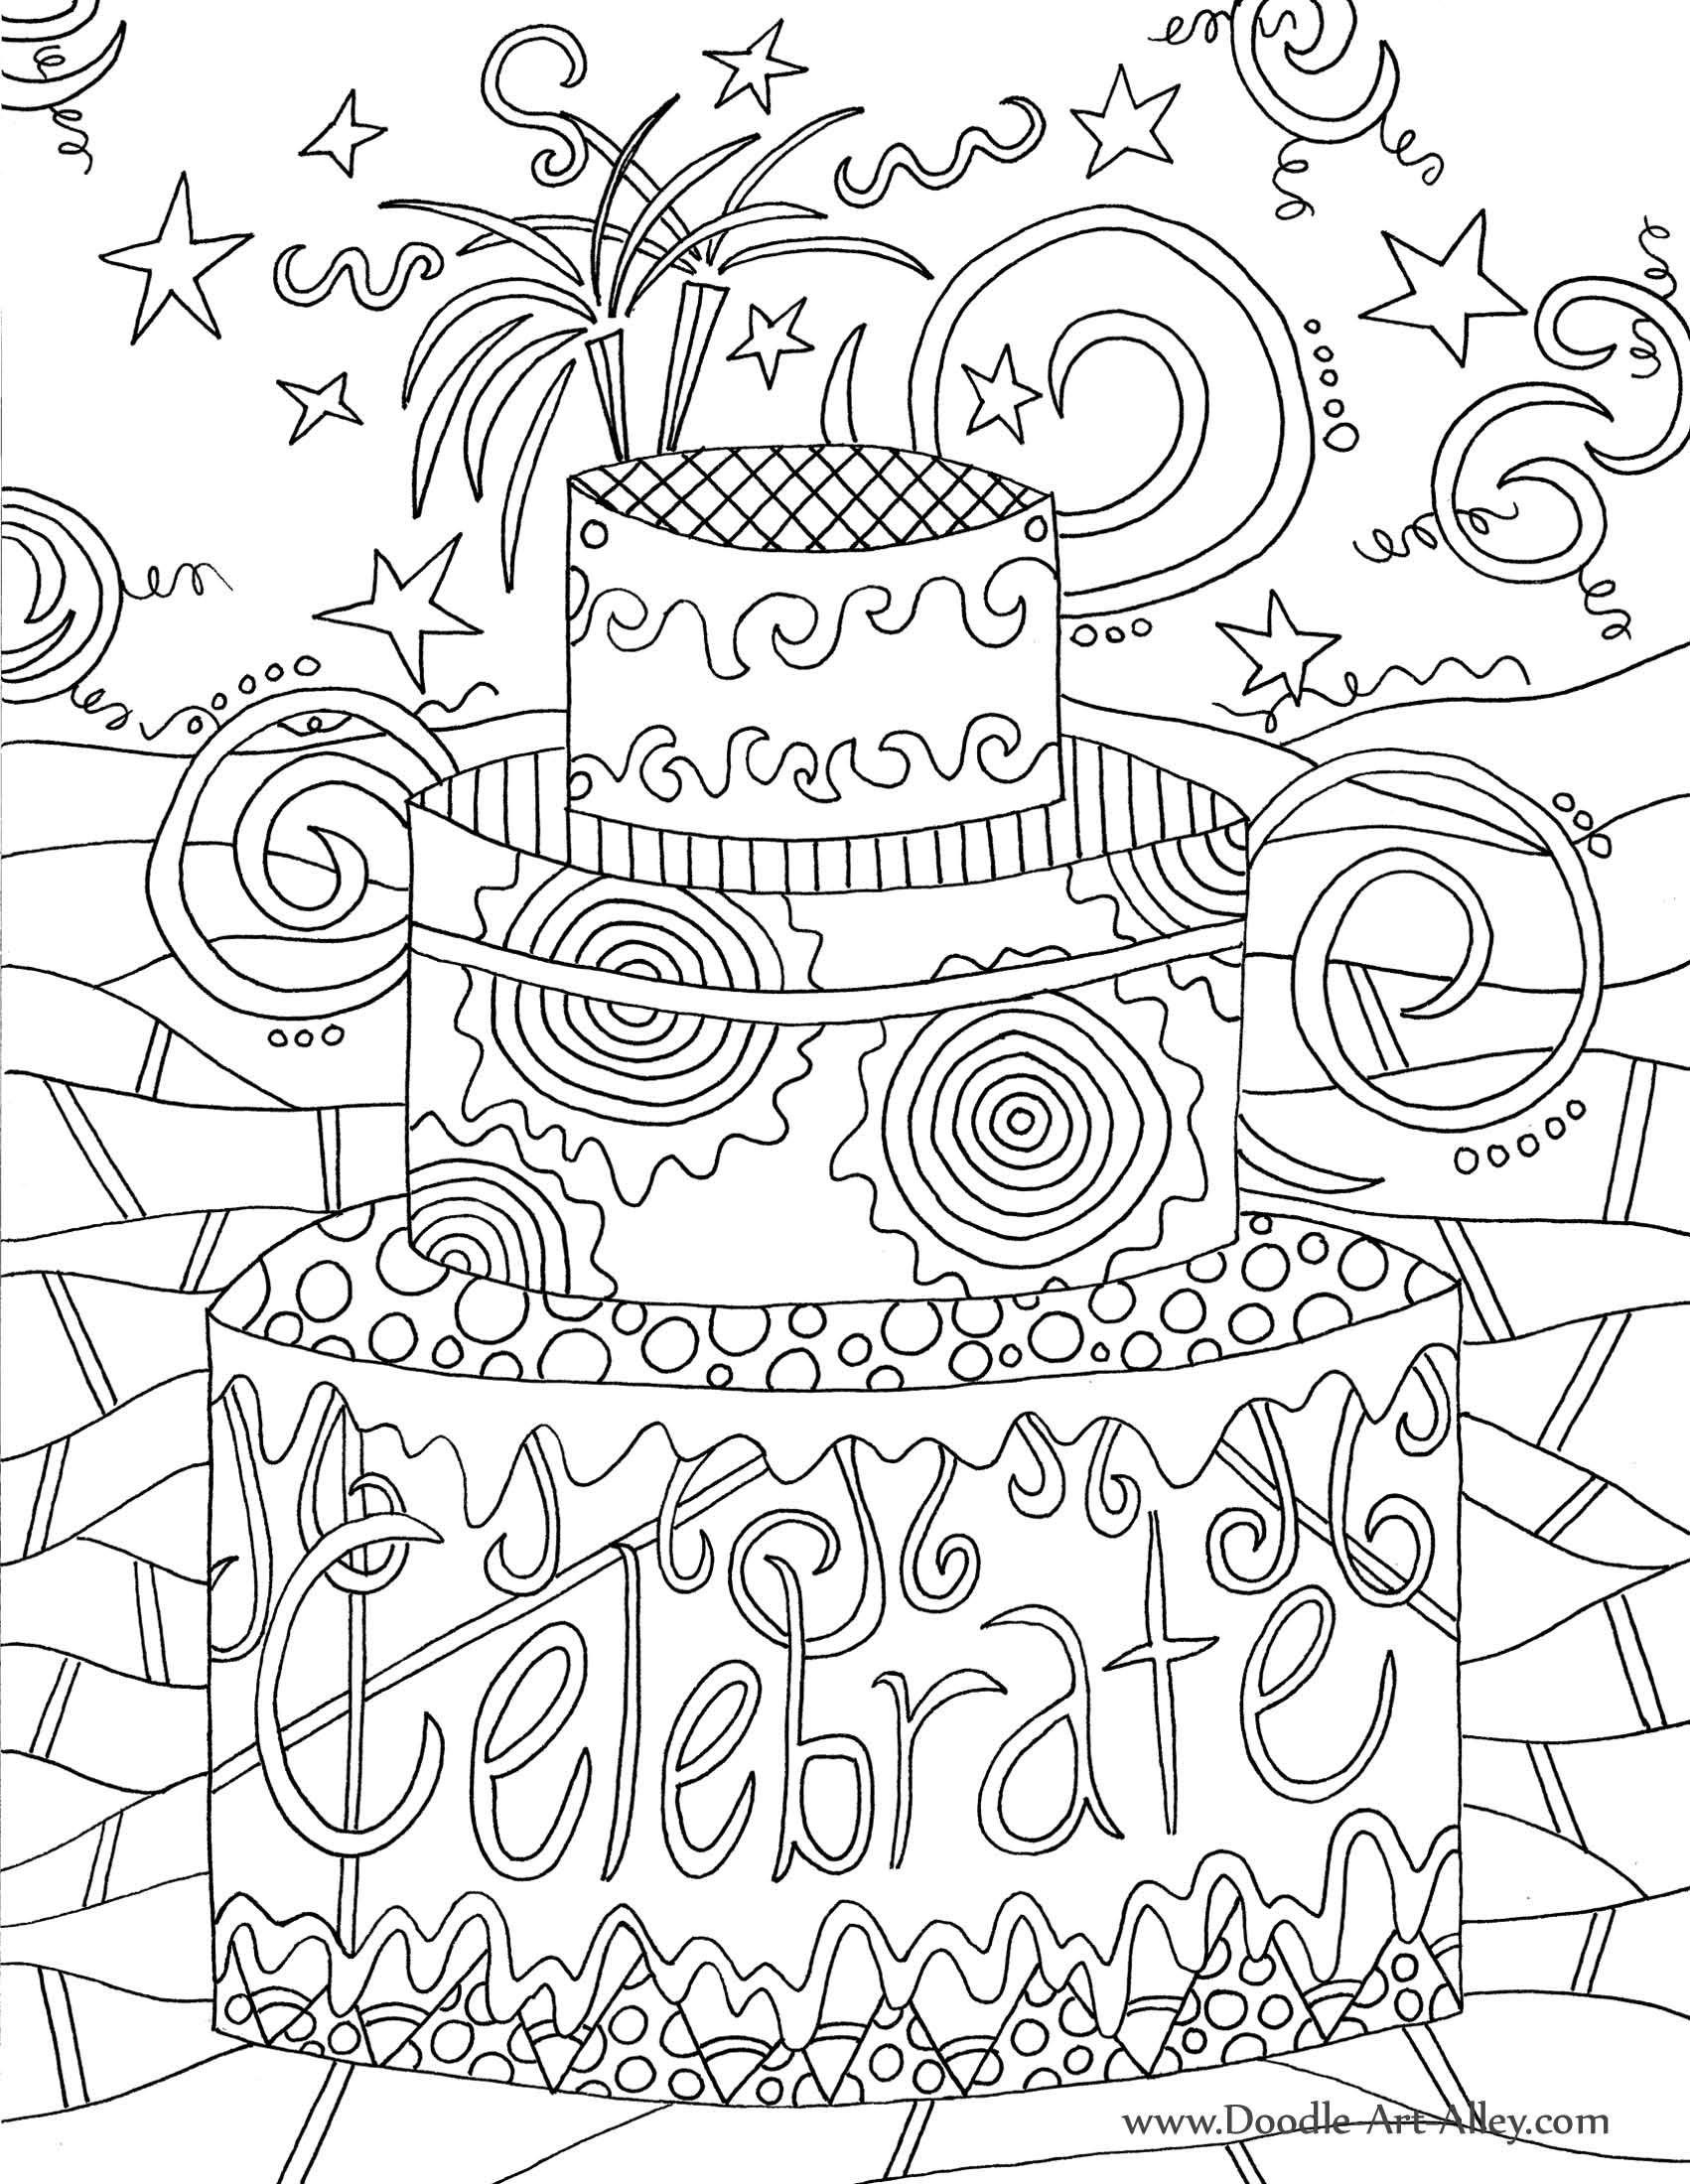 Pin By Margit Ernstsen On Kleurplaten Birthday Coloring Pages Happy Birthday Coloring Pages Coloring Pages